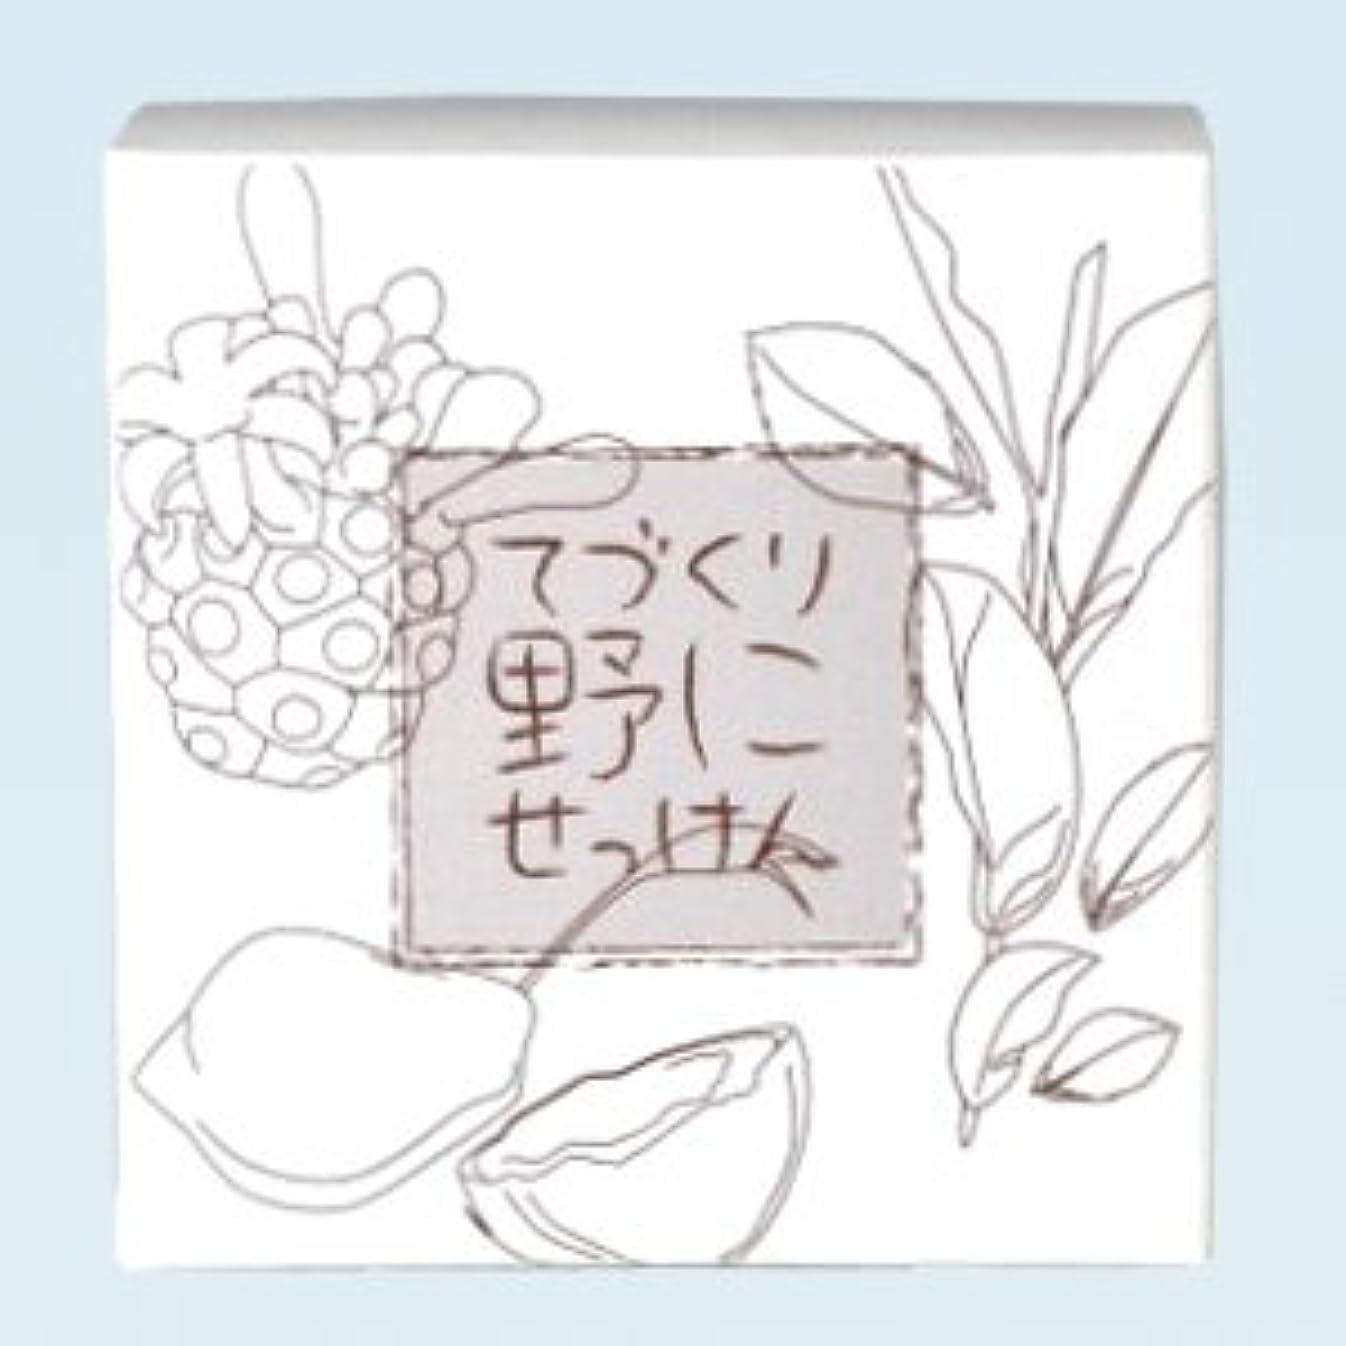 嵐安息税金緑茶ノニ石鹸 てづくり野にせっけん(115g)